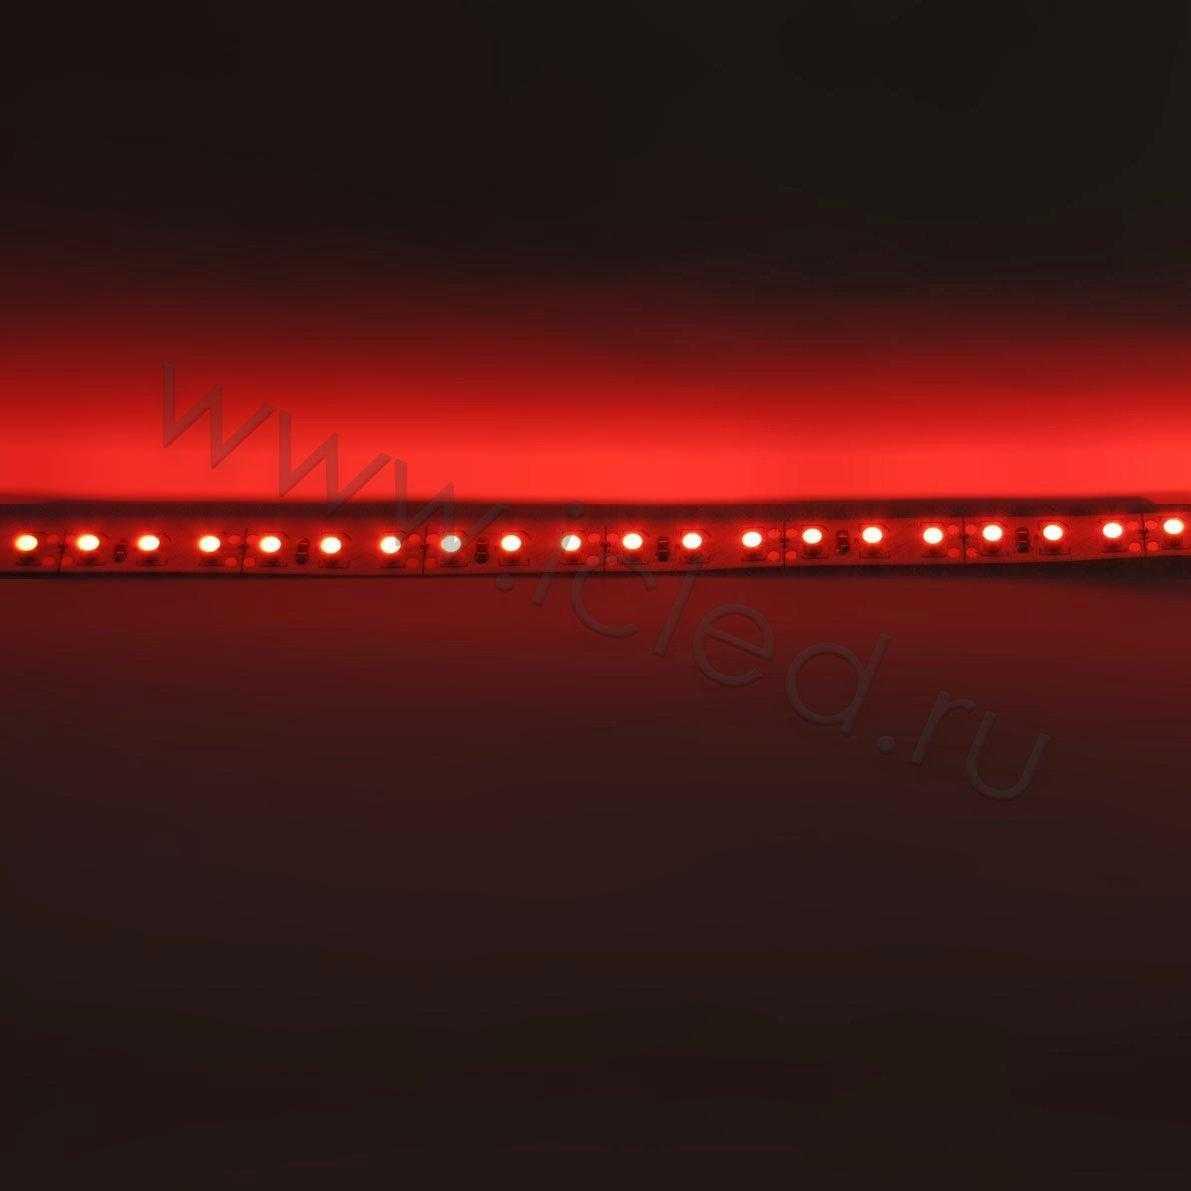 Светодиодная лента Econom class, 3528, 120led/m, Red, 12V, IP33